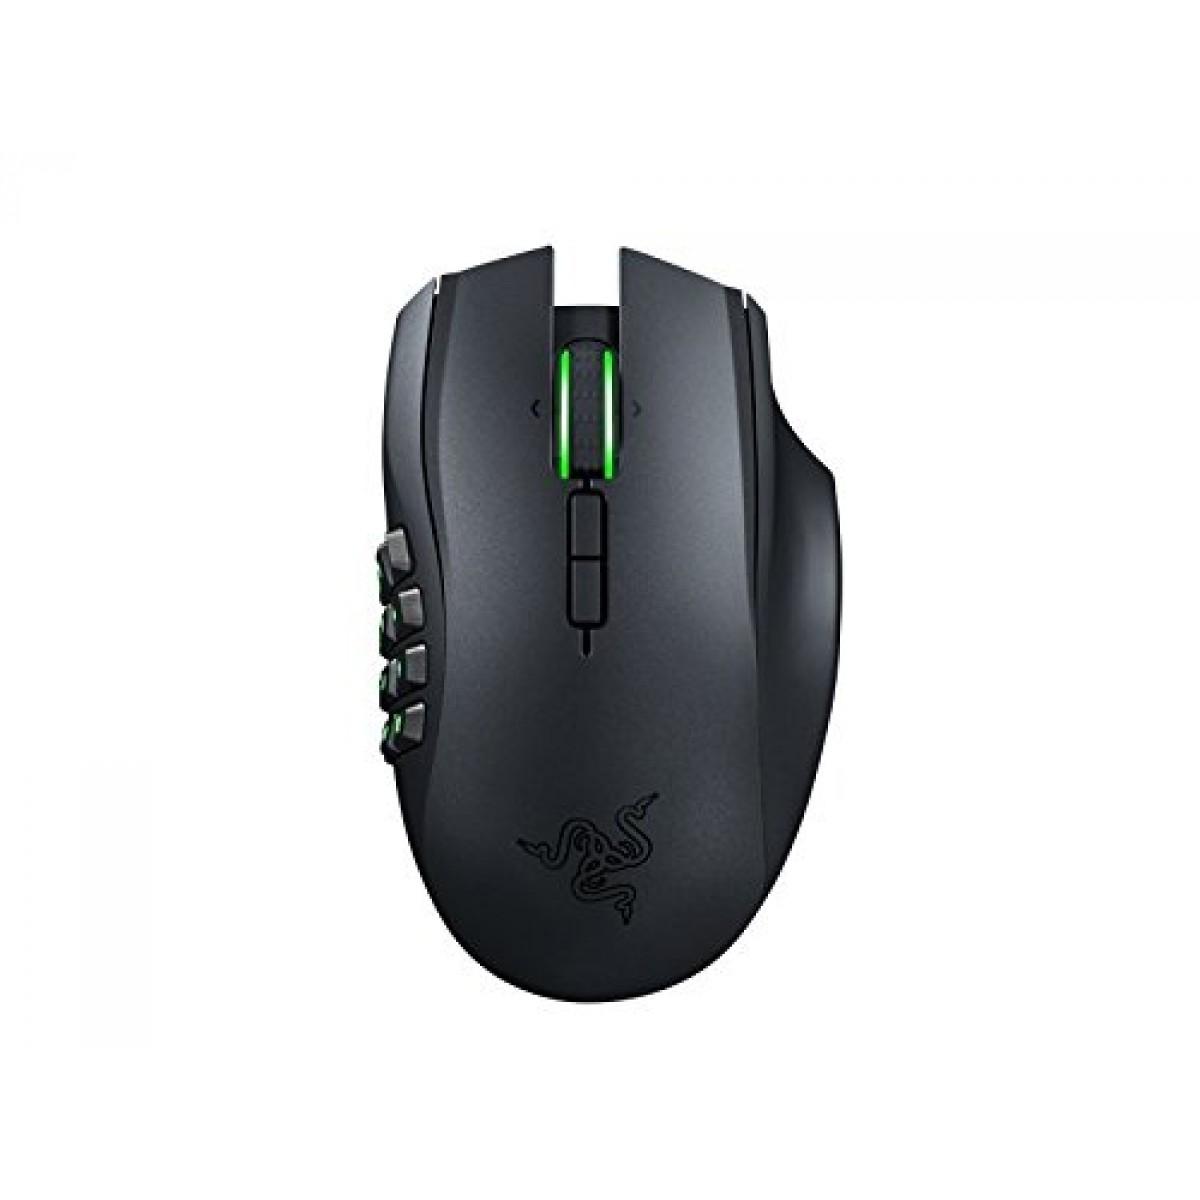 4c1a849e3df Razer Naga Epic Gaming Mouse Price in Pakistan | Buy Razer Naga Epic Chroma  Wireless Gaming Mouse | iShopping.pk